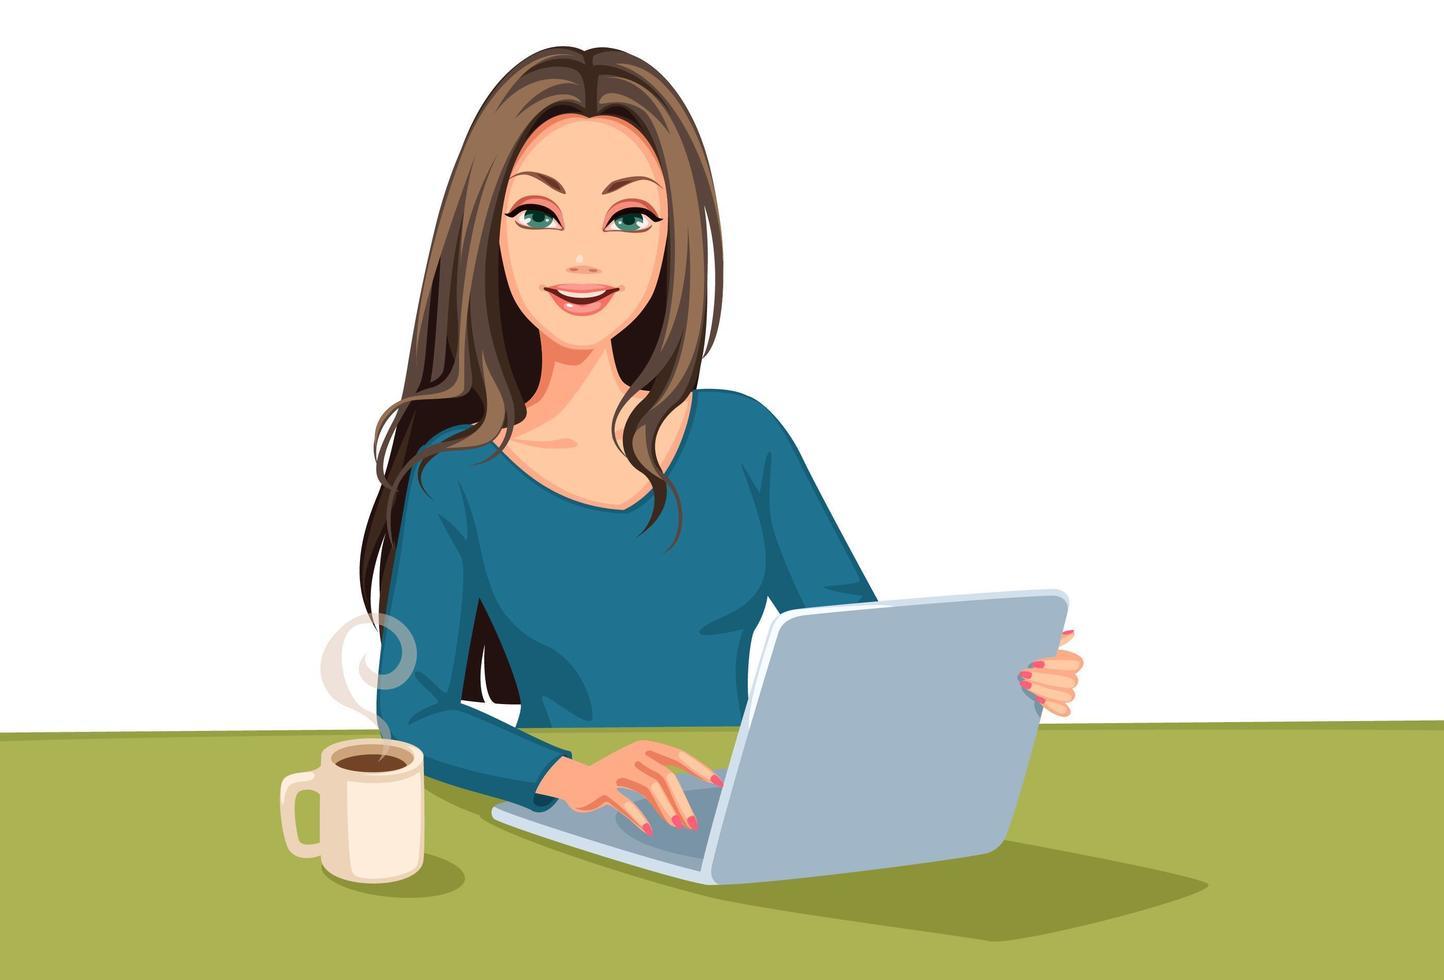 mulher usando um laptop vetor